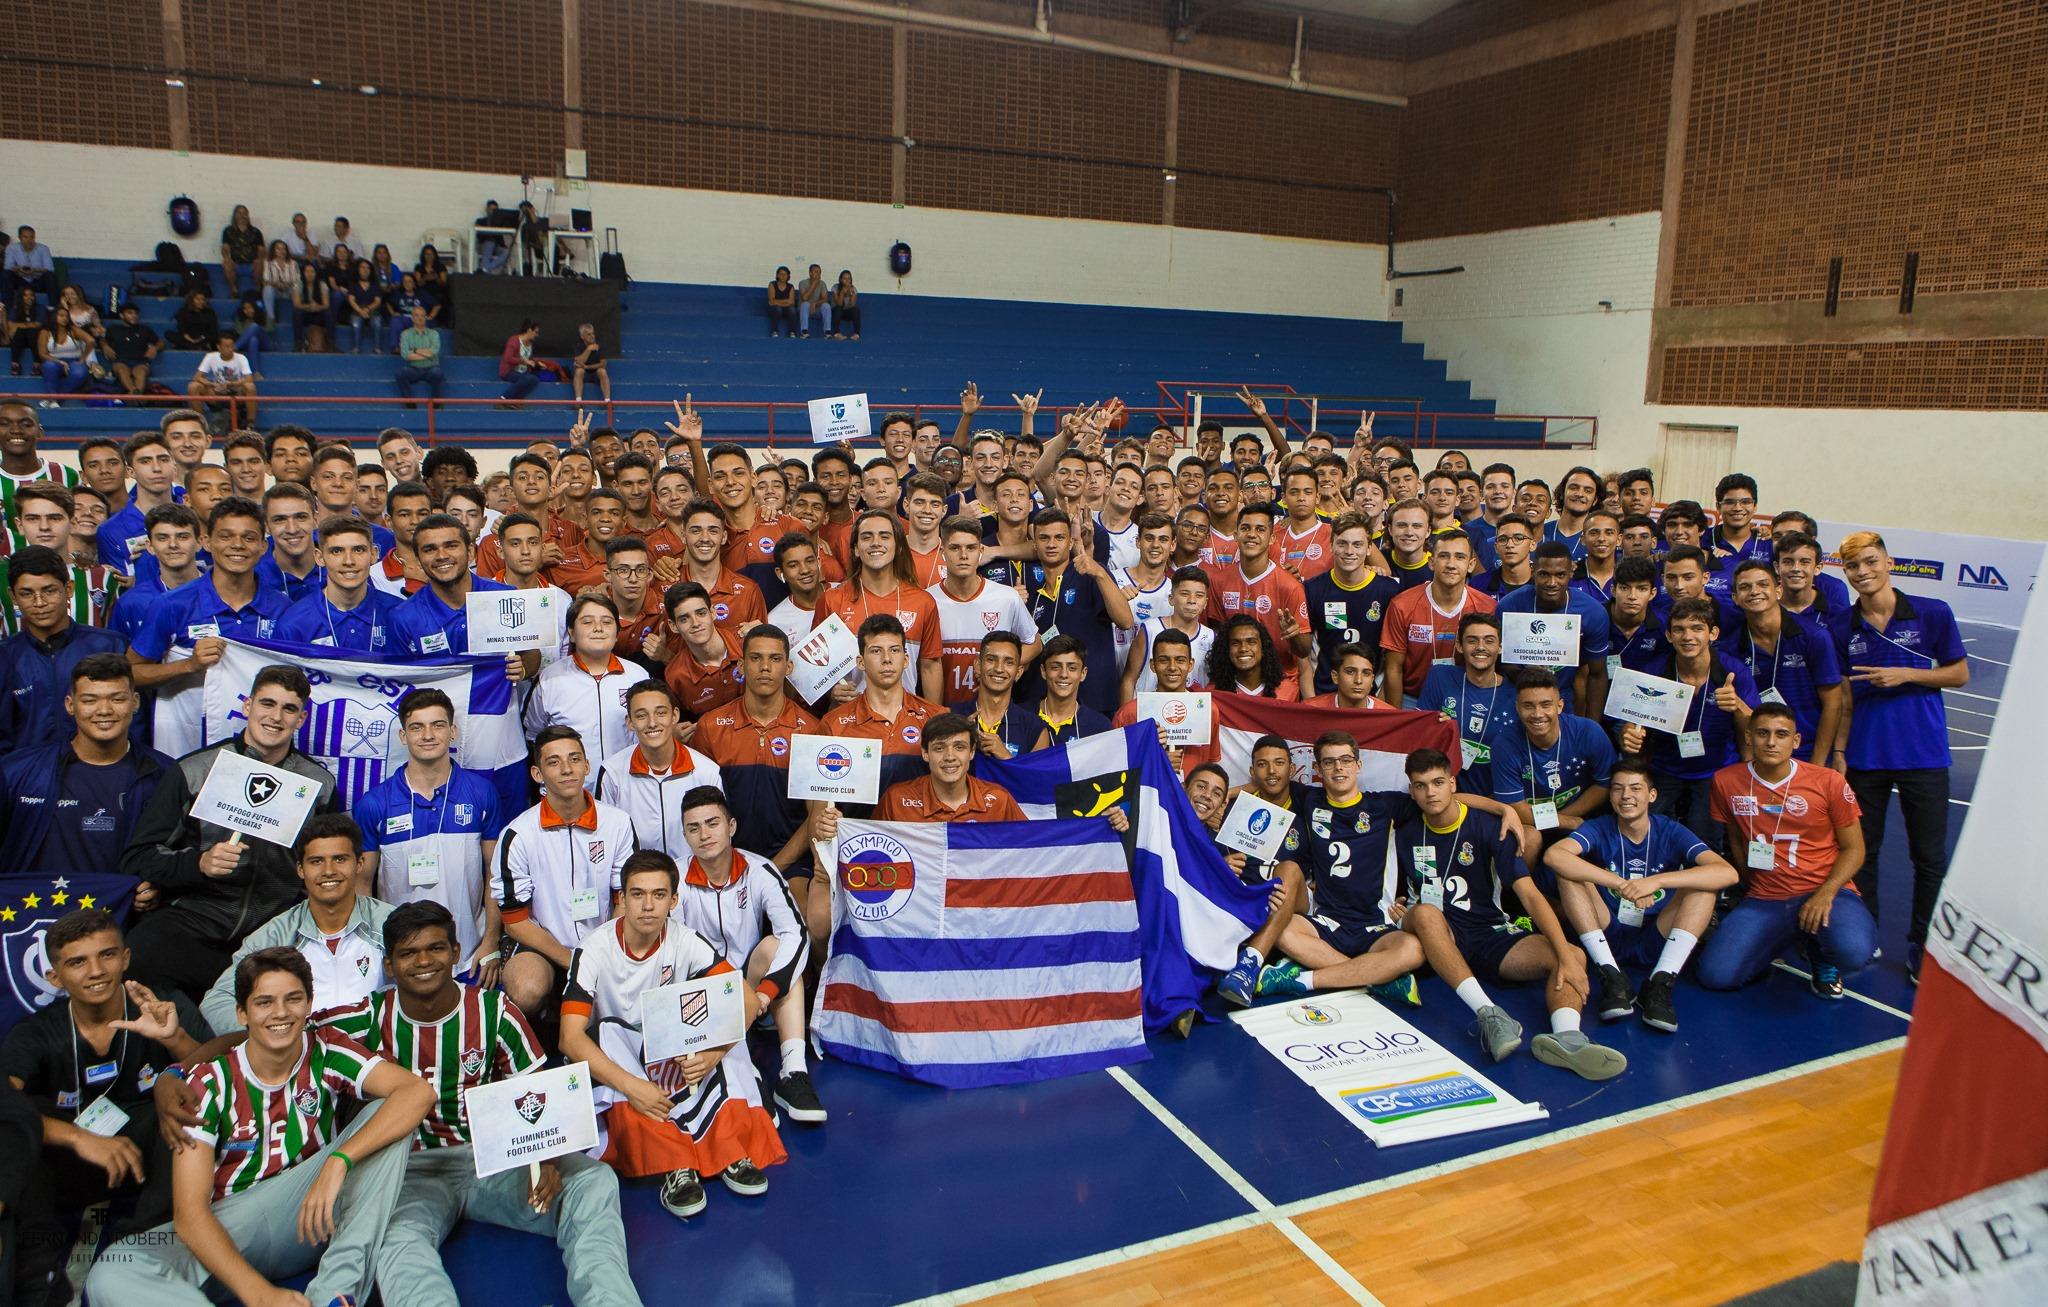 Torneio inicia em Belo Horizonte com 10 partidas